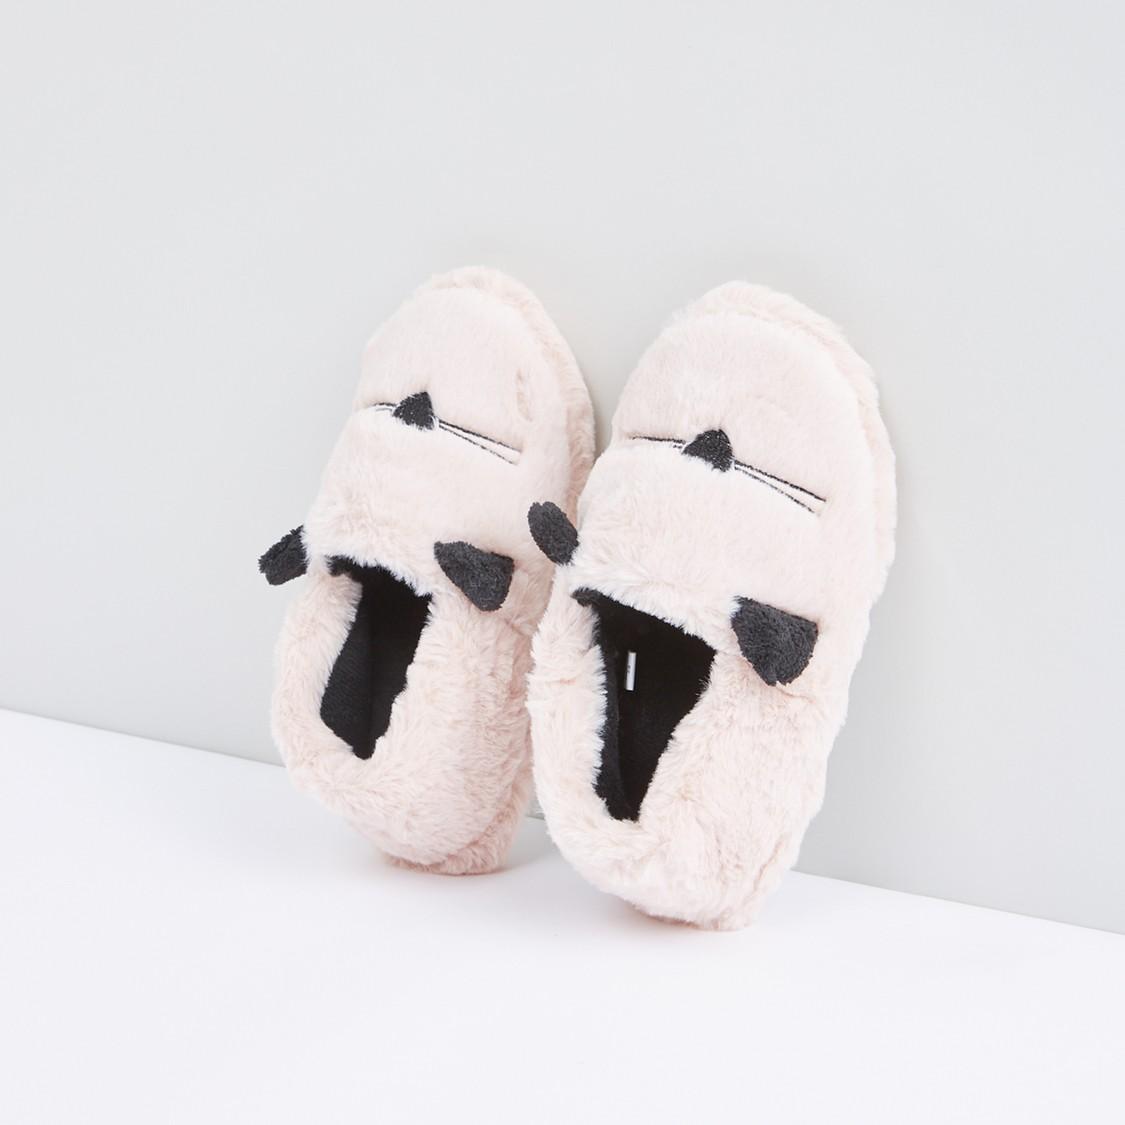 حذاء غرفة نوم قطيفة سهل الارتداء